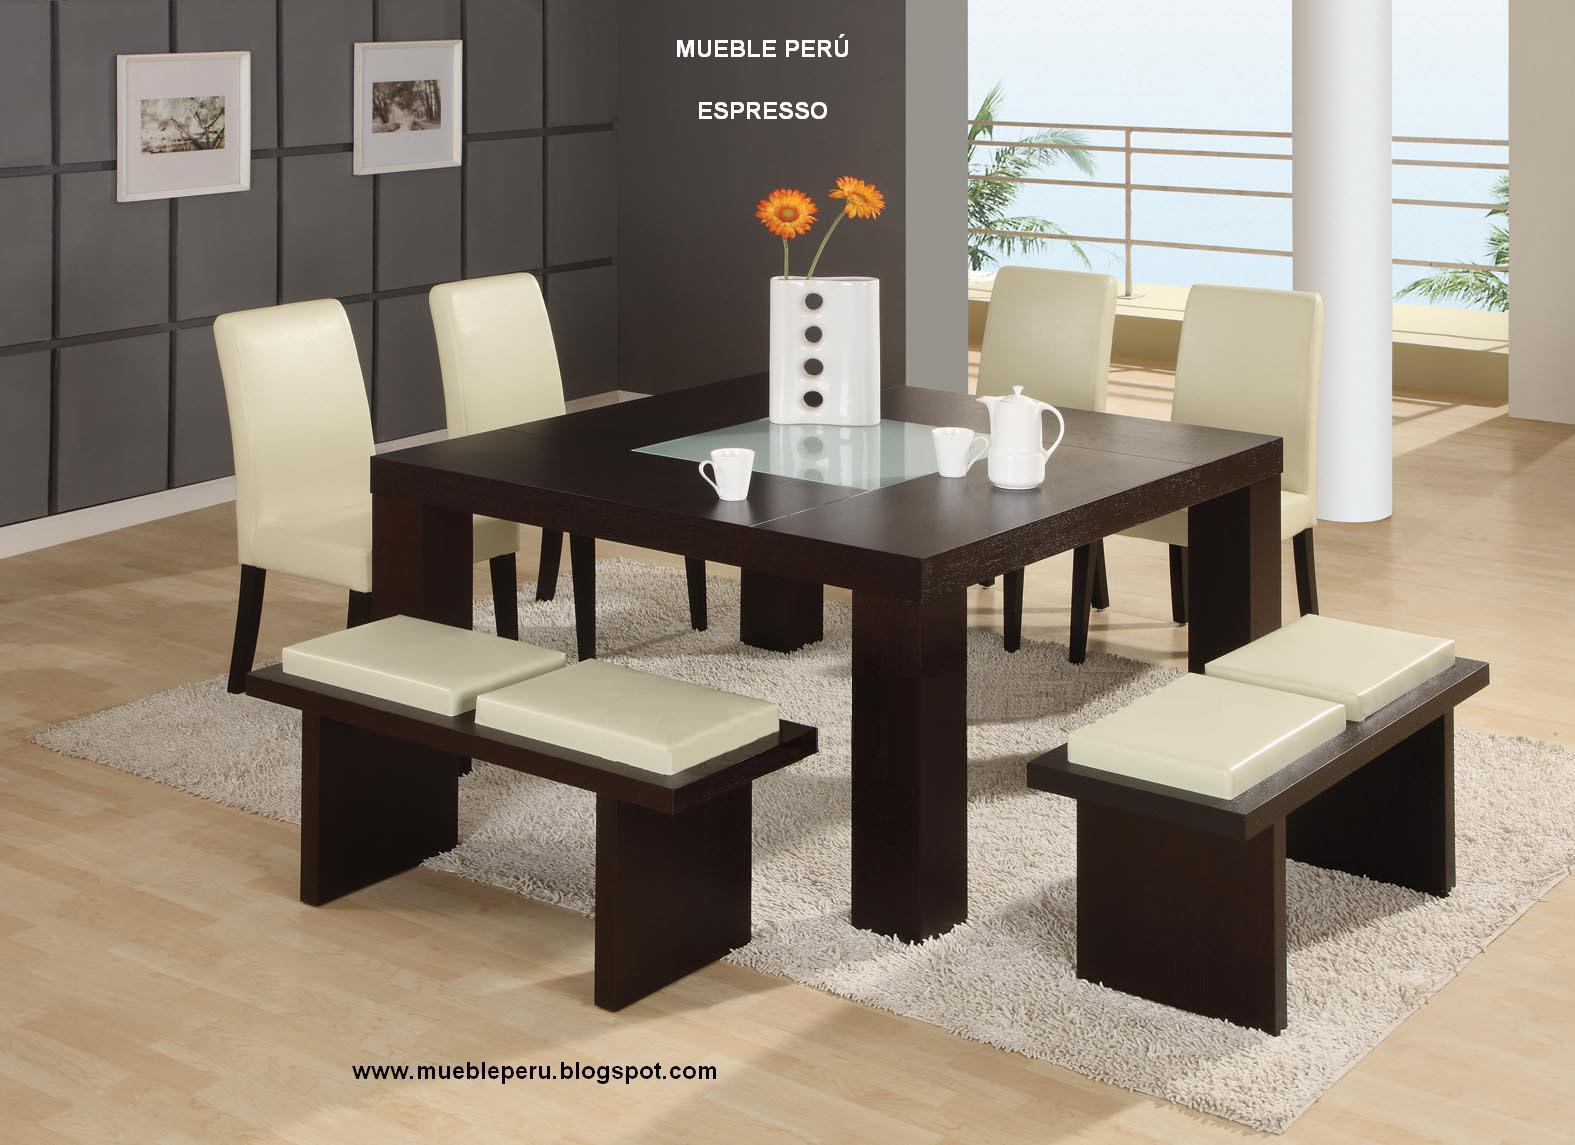 Muebles de comedor de diseno ngel cerd muebles de dise for Disenos de comedores de madera